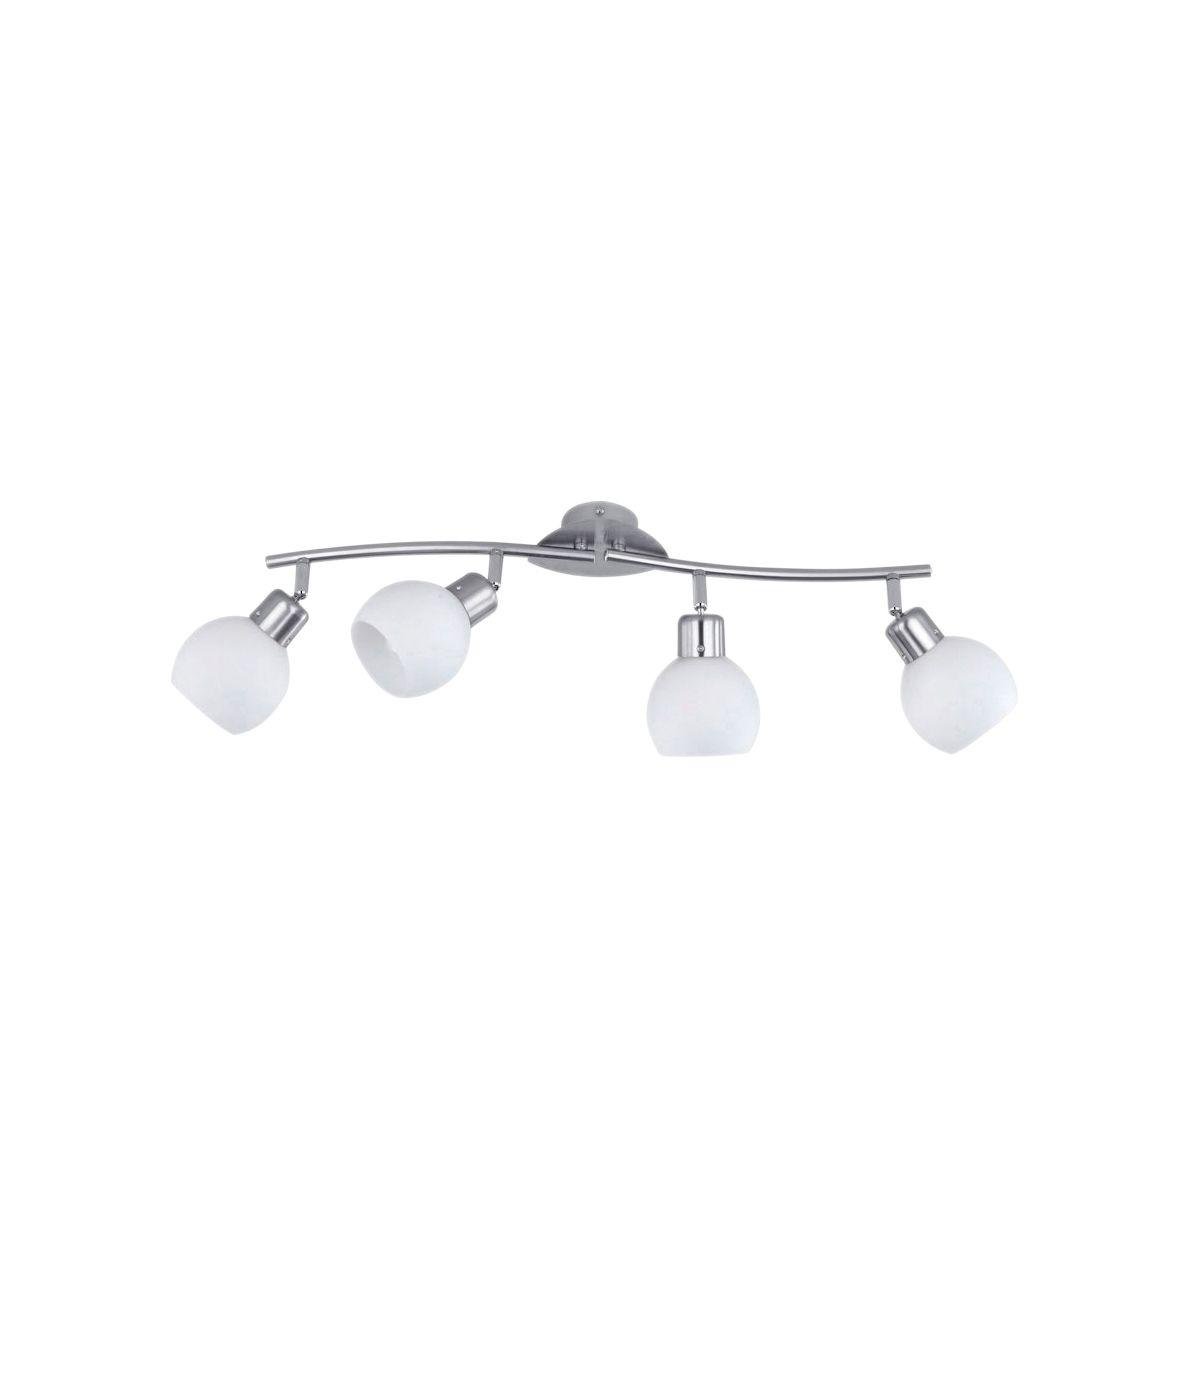 TRIO Leuchten,LED Deckenstrahler